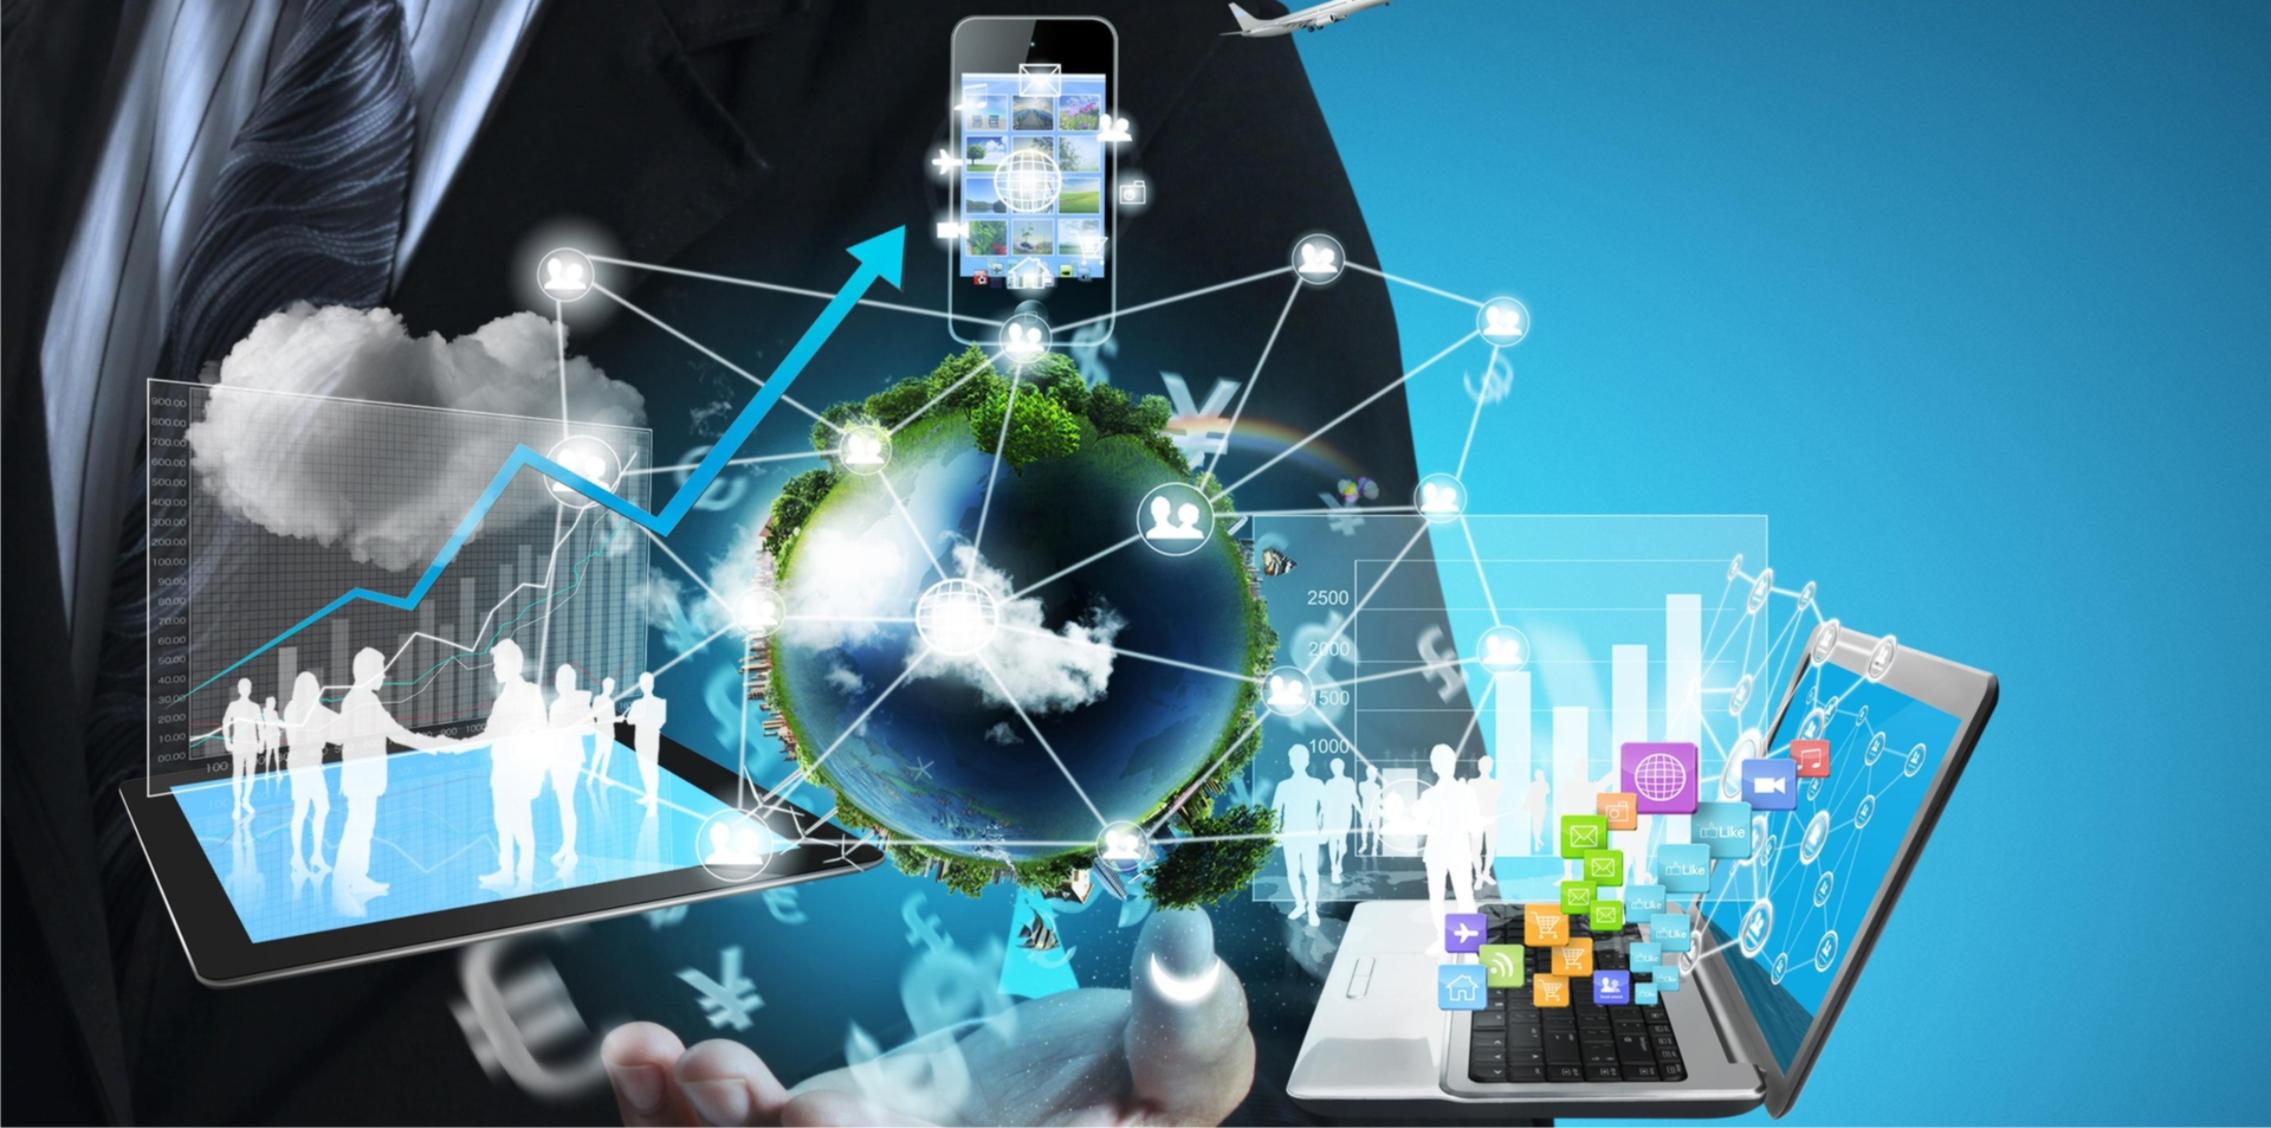 Feira Internacional de Negócios, Inovação e Tecnologia é realizada em Belo Horizonteexplicam